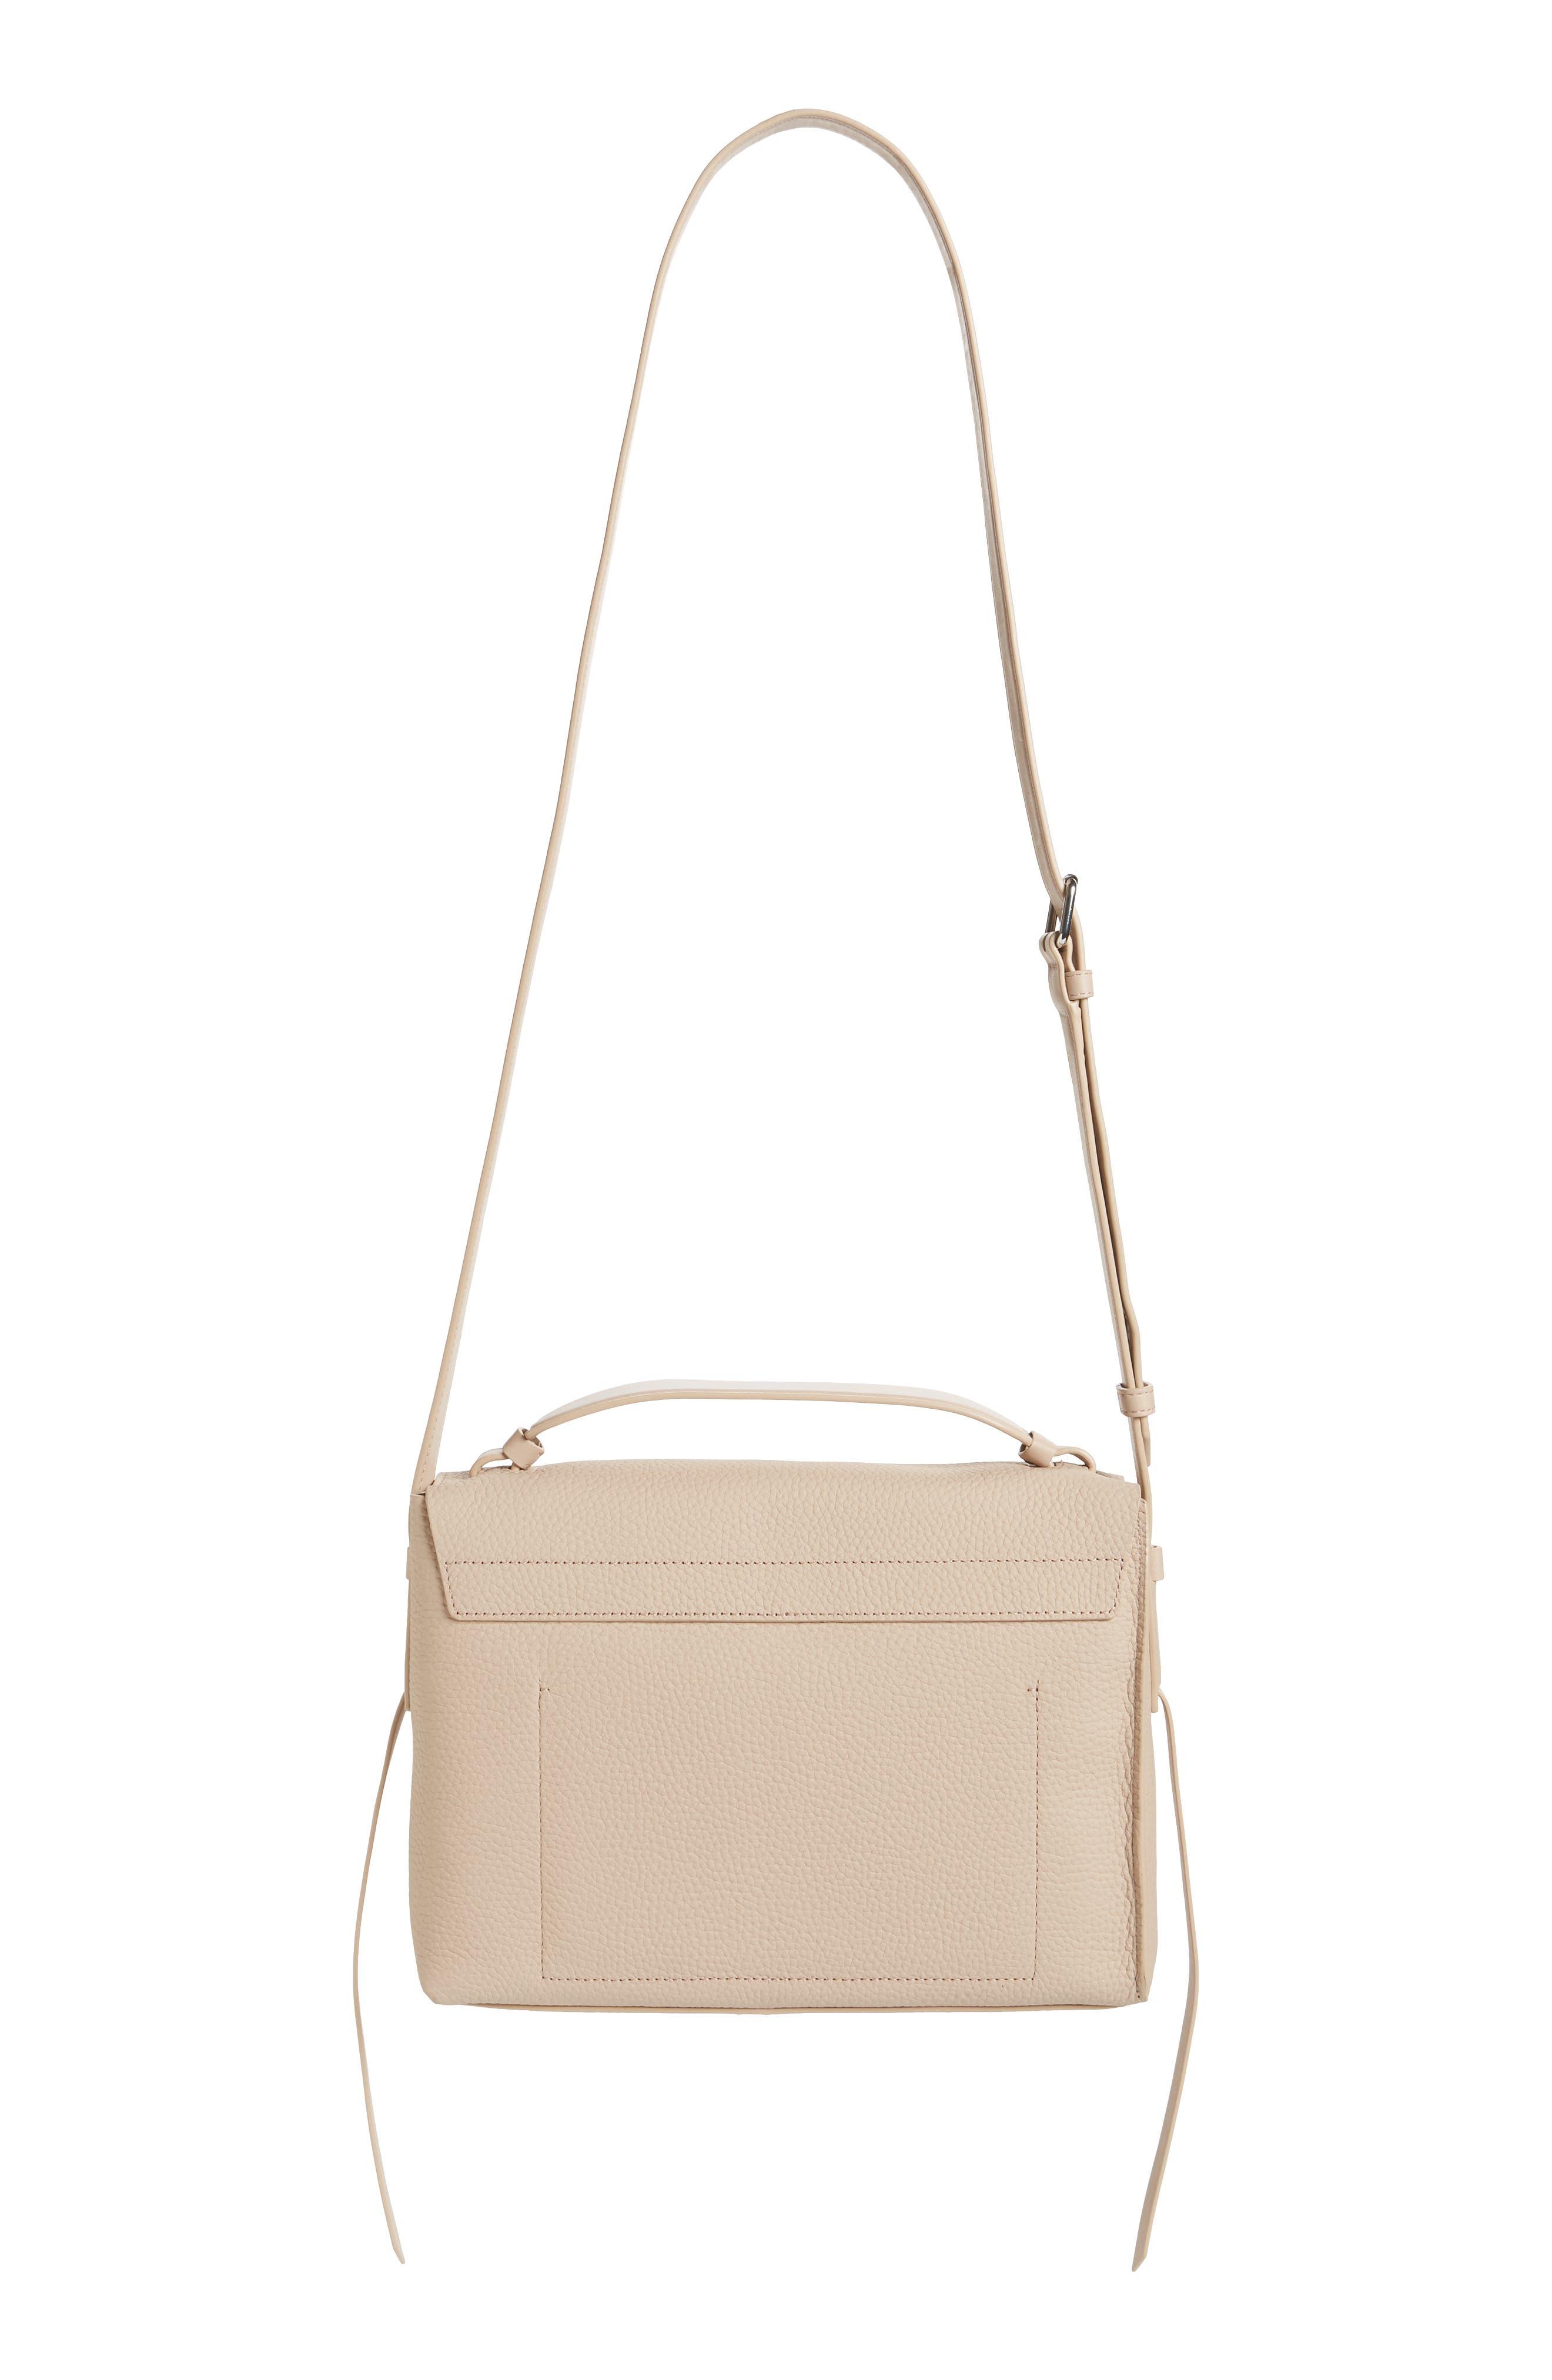 Cami Leather Shoulder Bag,                             Alternate thumbnail 3, color,                             NATURAL